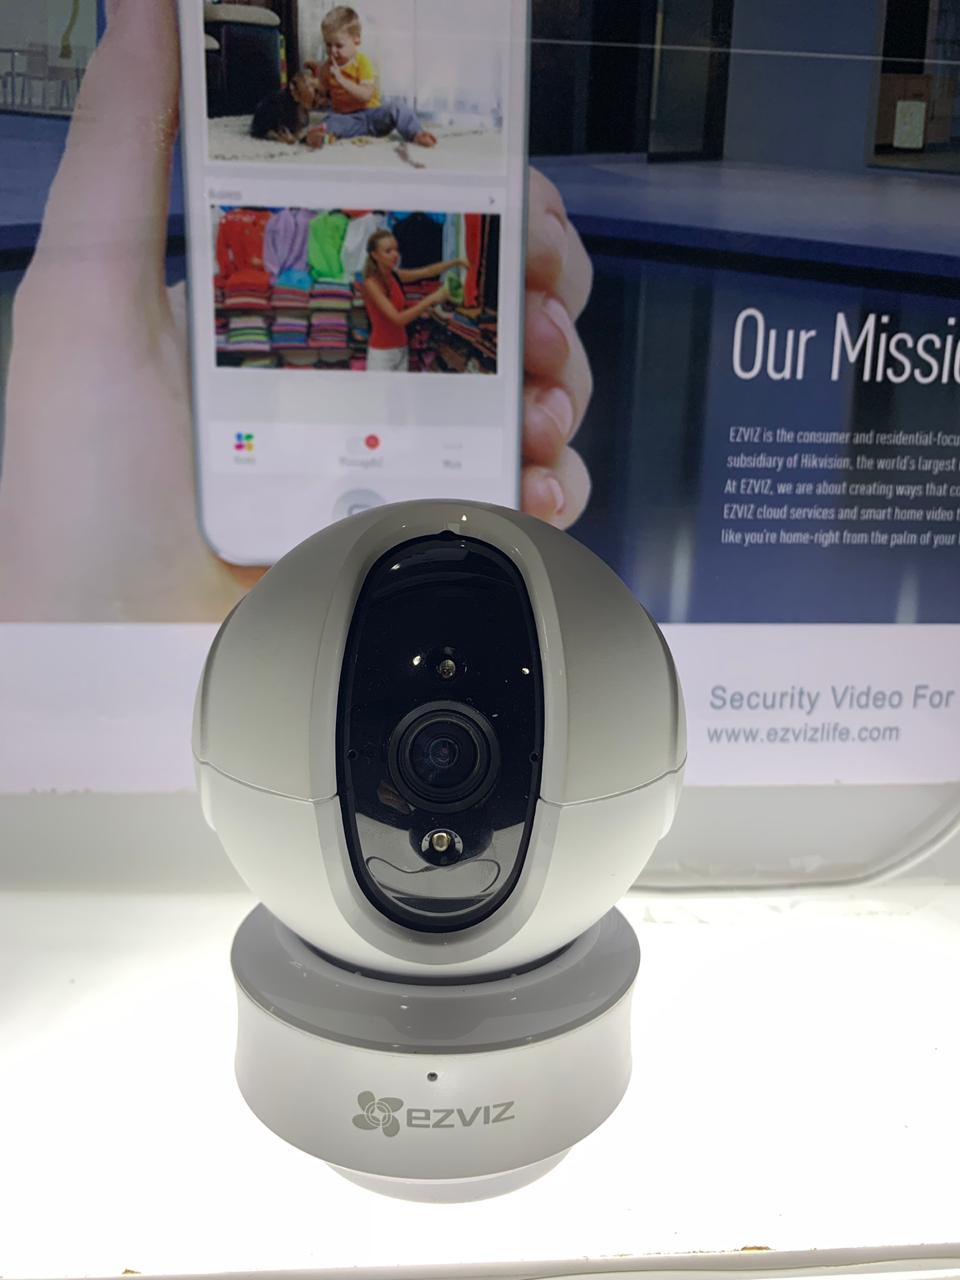 Pasang CCTV Lebak Banten - CCTV murah FREE Pasang